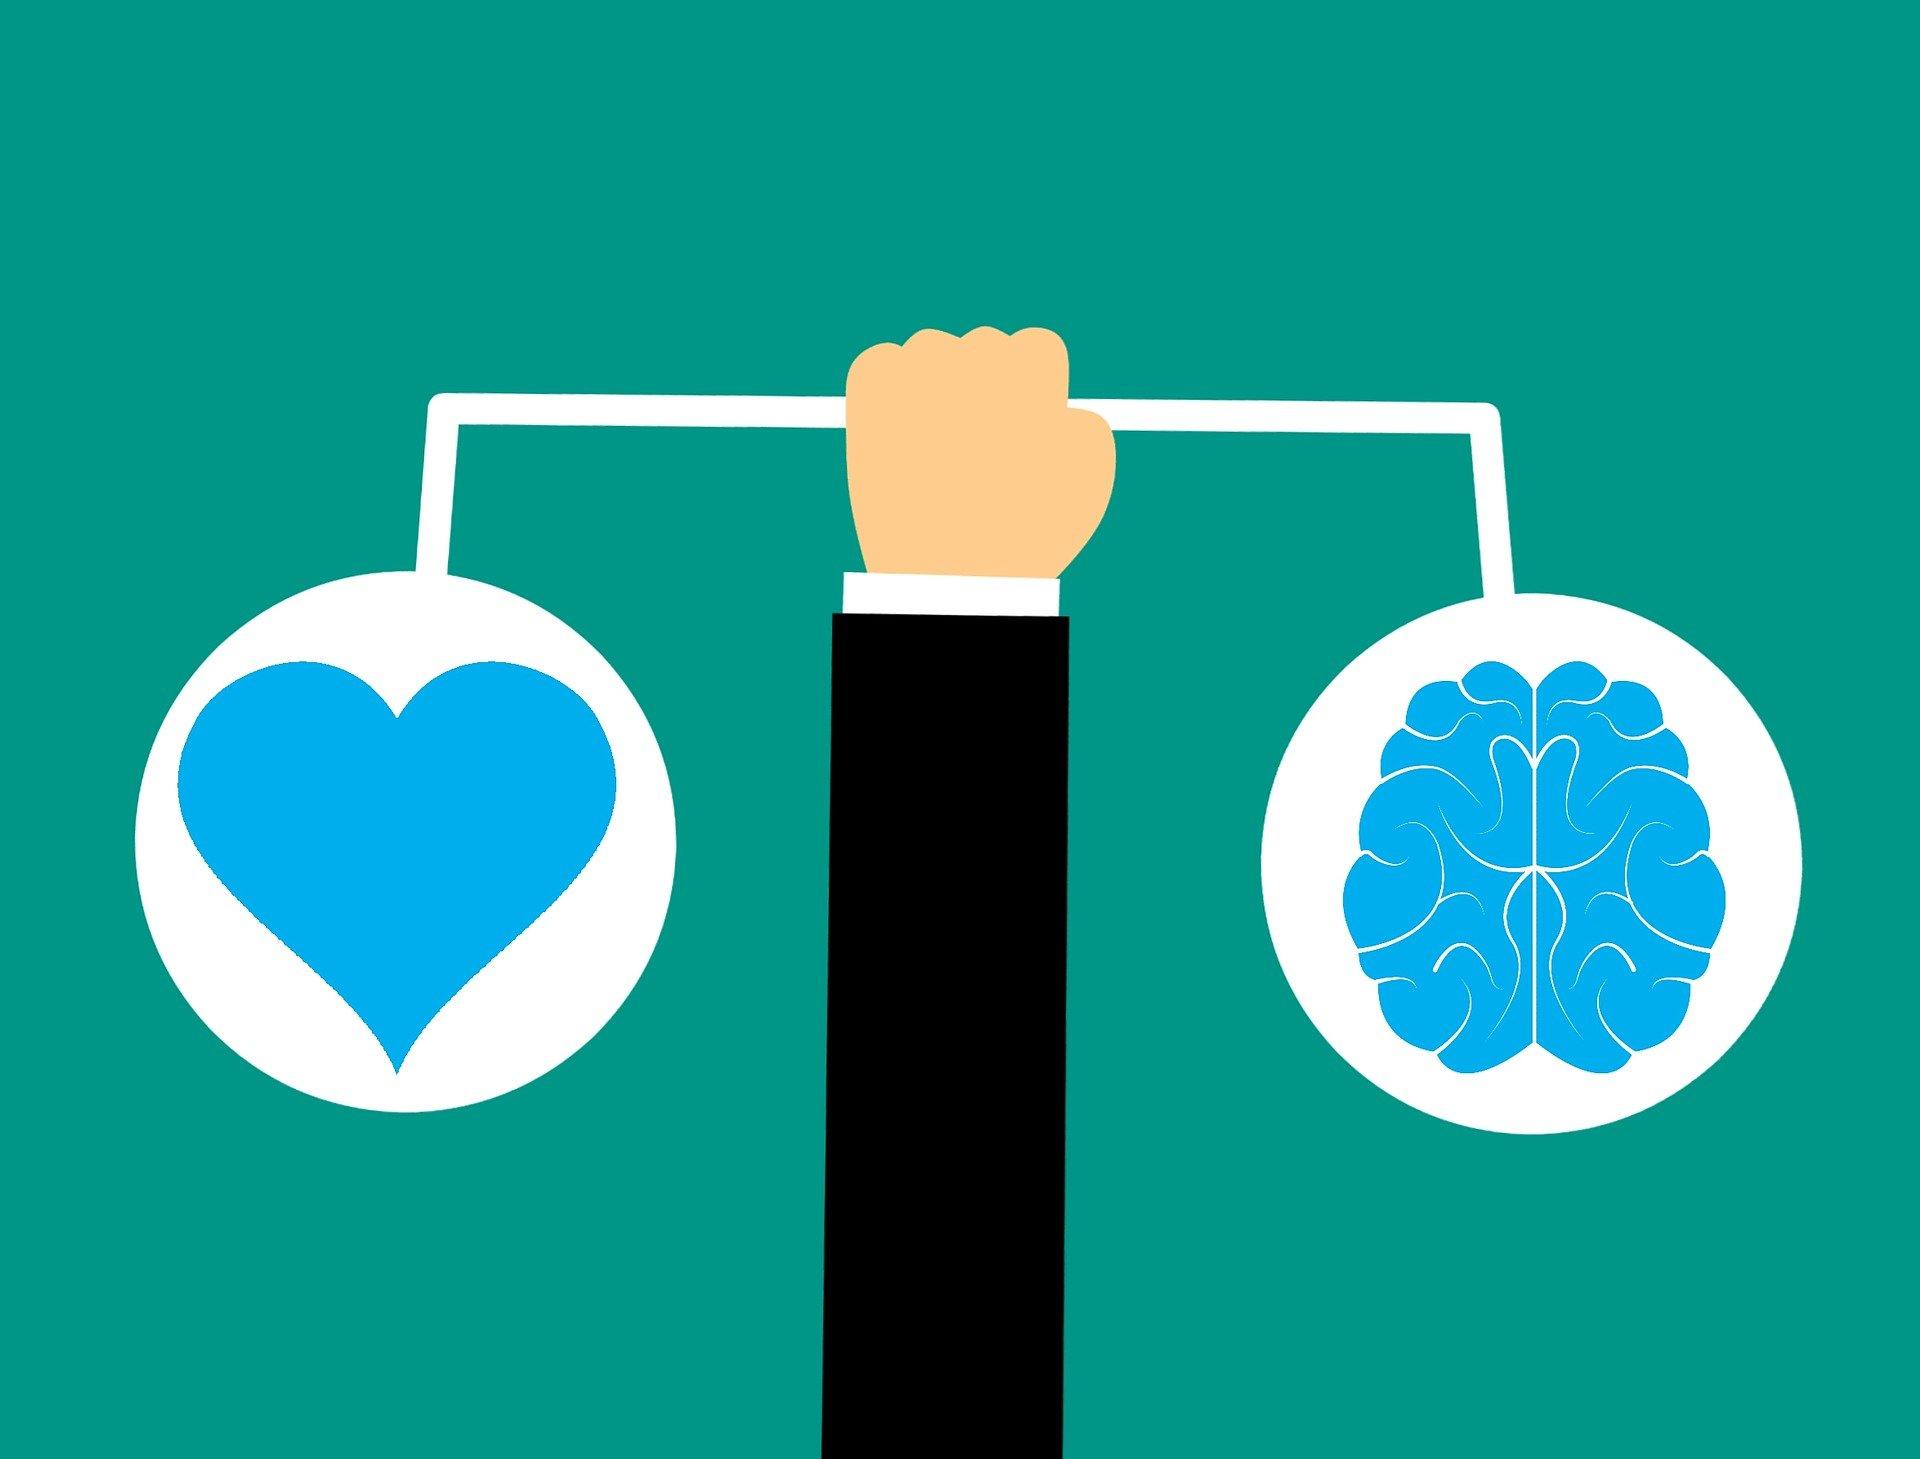 كيف تطبق الذكاء العاطفي في العمل